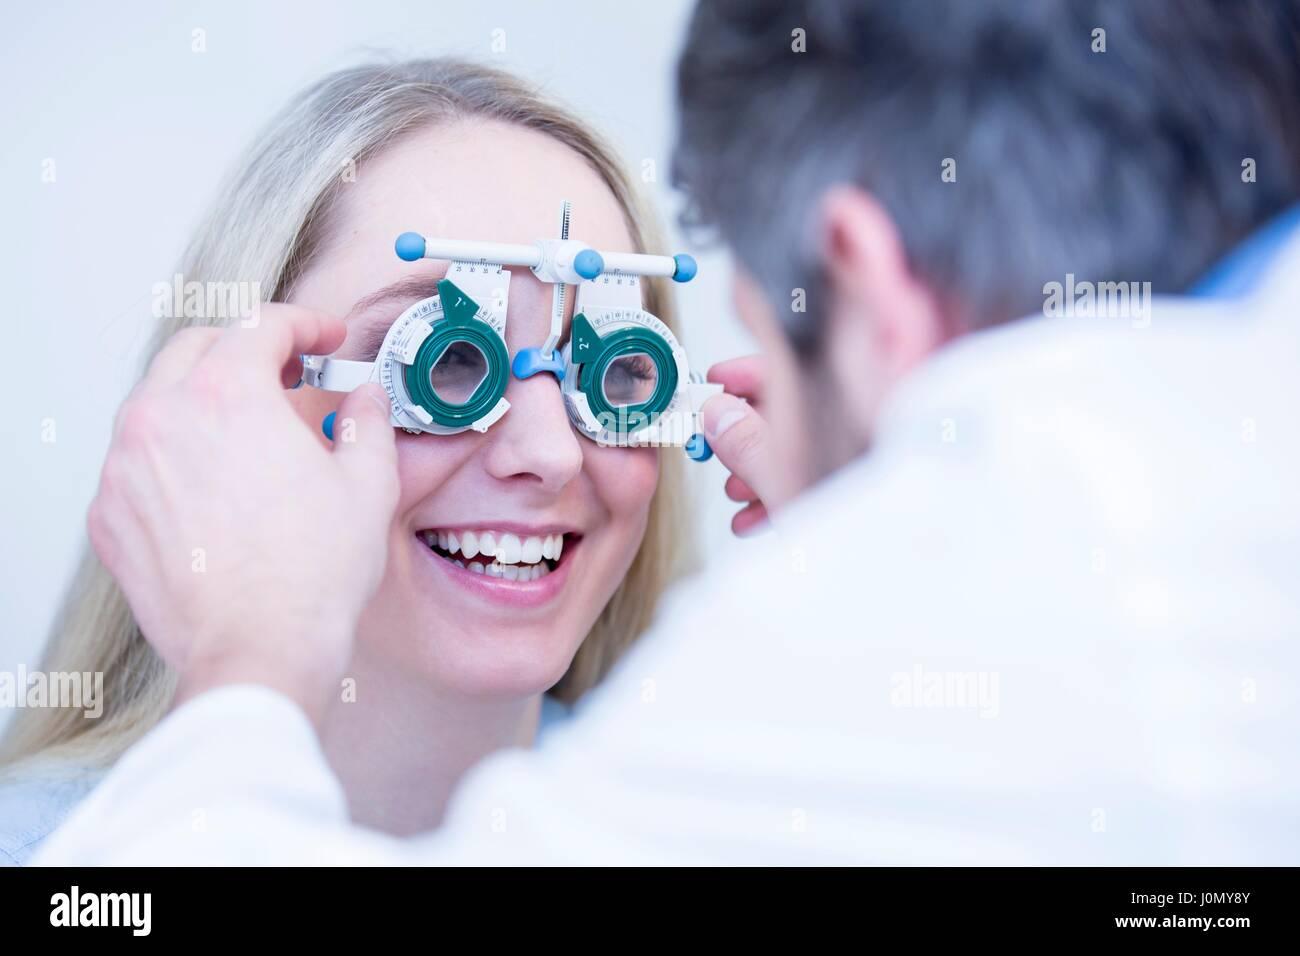 Optiker darstellende Auge test der jungen Frau. Stockfoto